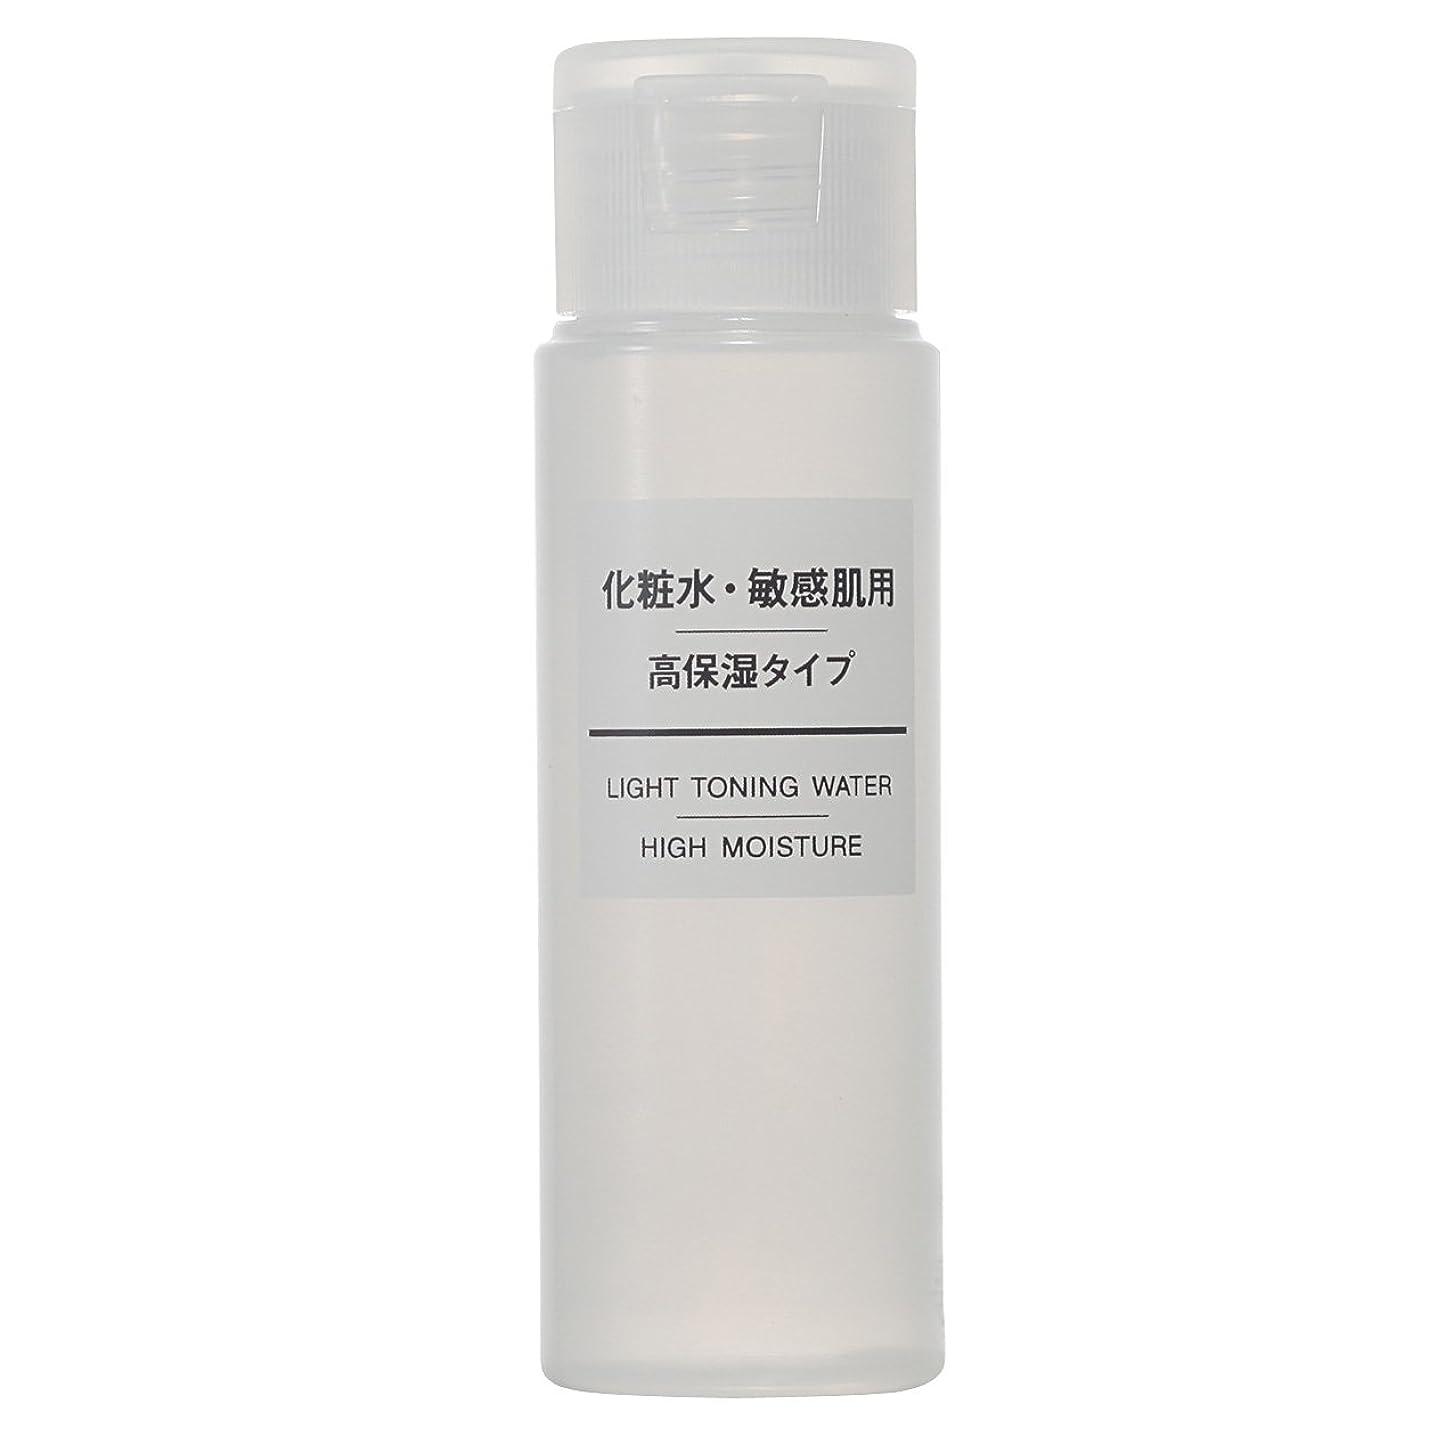 獲物補助金ランプ無印良品 化粧水 敏感肌用 高保湿タイプ(携帯用) 50ml